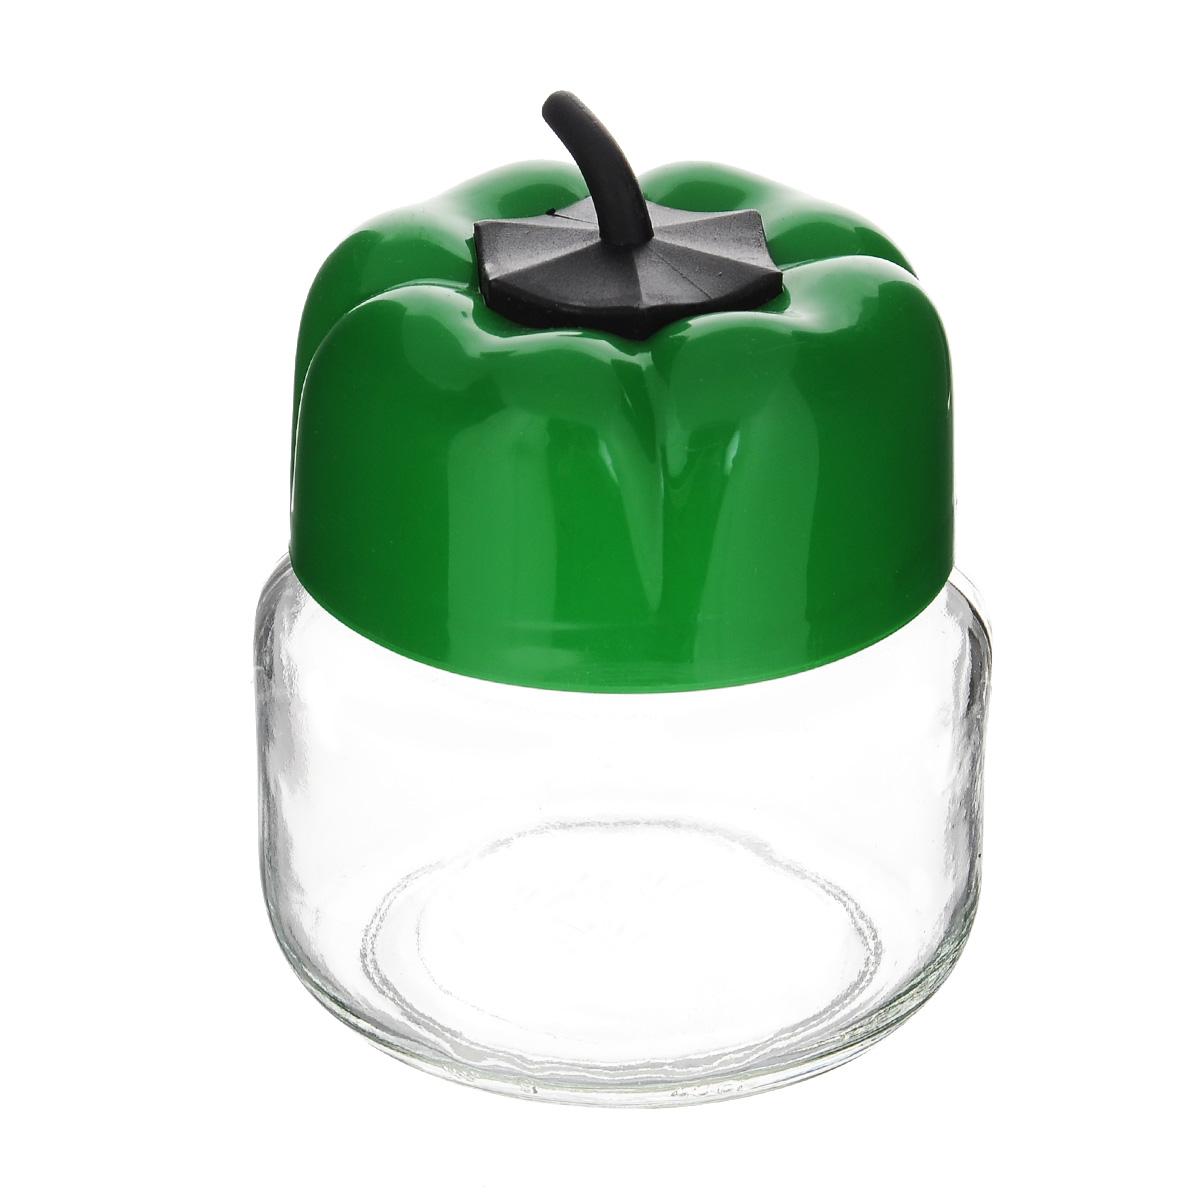 Банка для сыпучих продуктов Renga Перец, цвет: зеленый, 400 мл131050 зеленыйБанка для сыпучих продуктов Renga Перец выполнена из высококачественного прозрачного стекла и пластика. Такая банка прекрасно подойдет для хранения специй, сахара, кофе и других сыпучих продуктов. Банка плотно закручивается крышкой, благодаря чему продукты дольше сохраняют аромат и вкус. Такая банка ярко оформит интерьер кухни и станет незаменимым аксессуаром на вашей кухне.